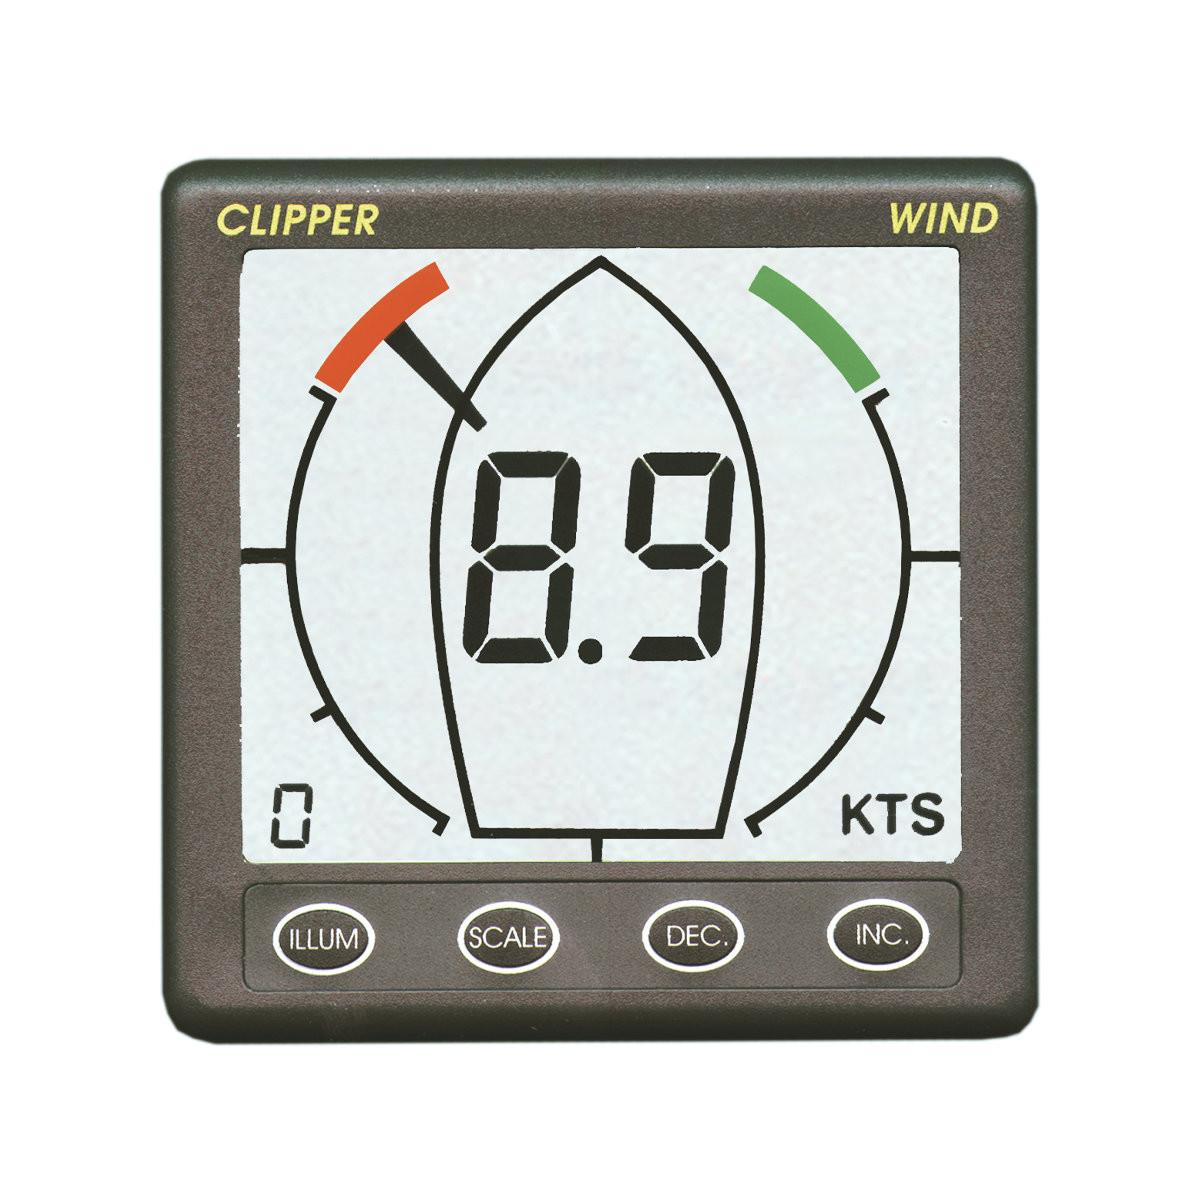 NASA Marine Clipper wind dochterapparat